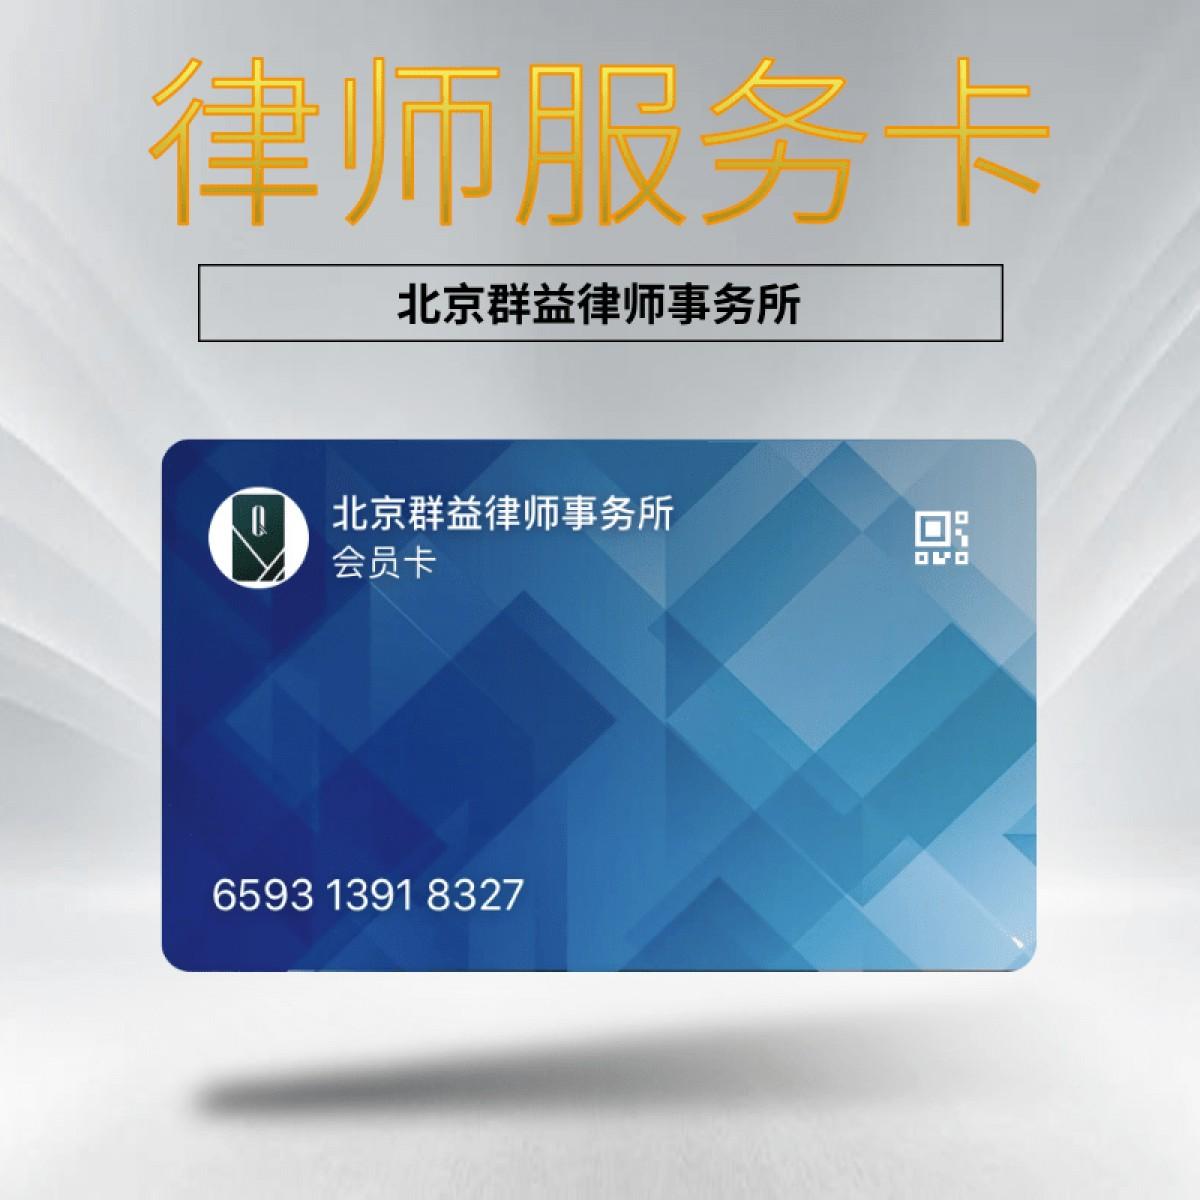 群益律师服务卡 专业律师服务